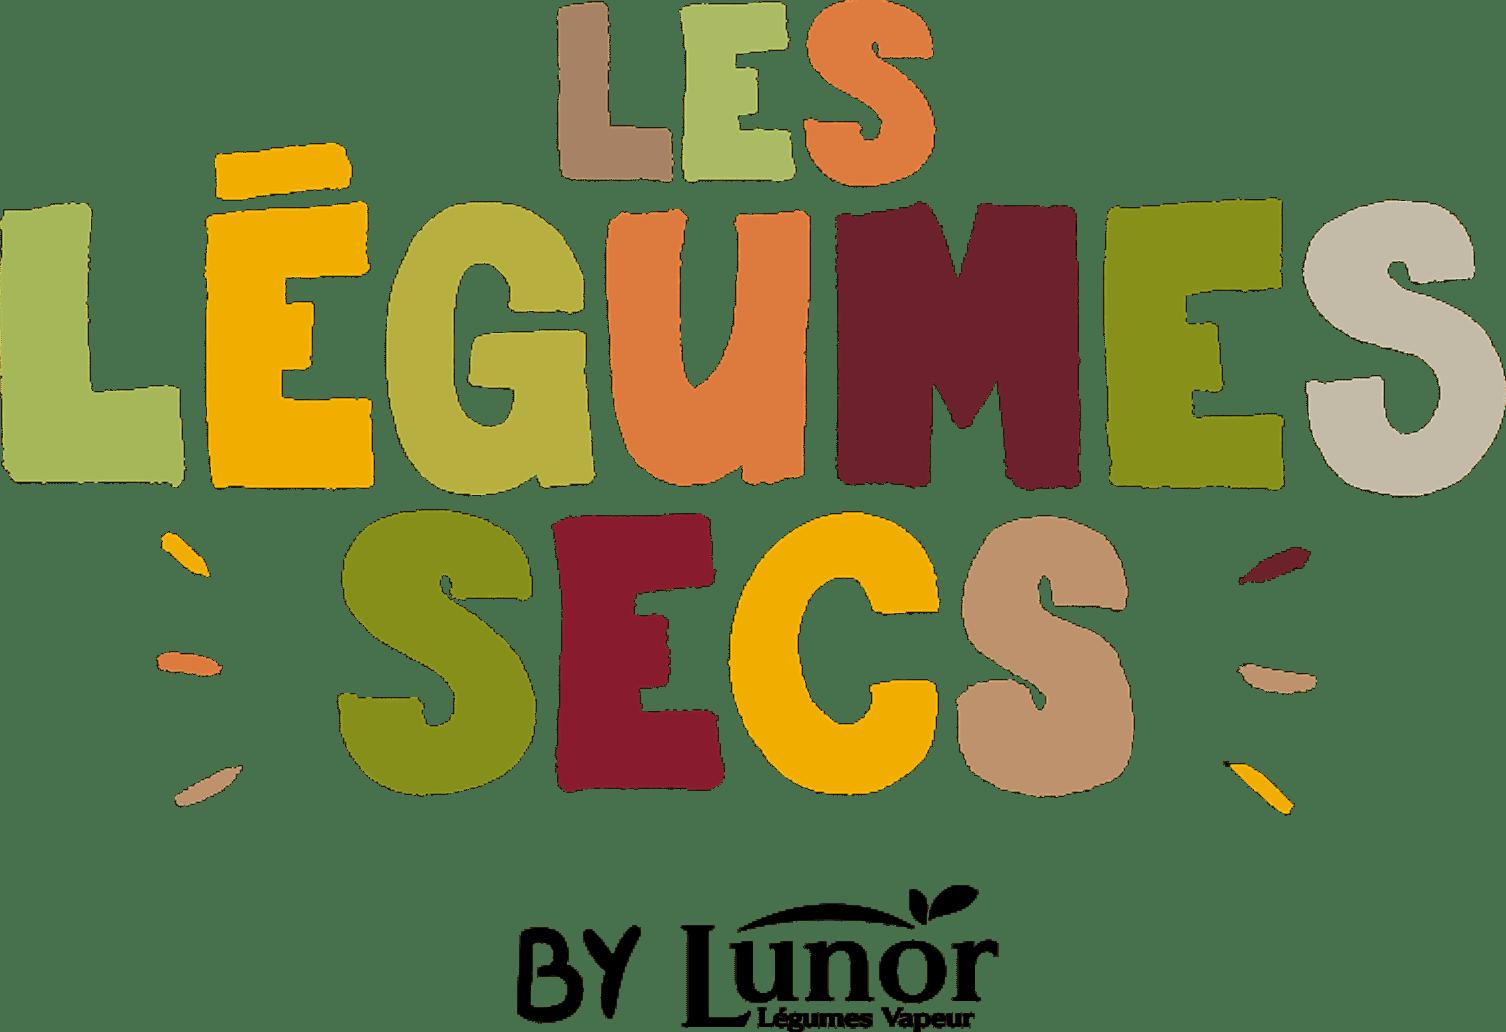 logo-les-legumes-secs-header